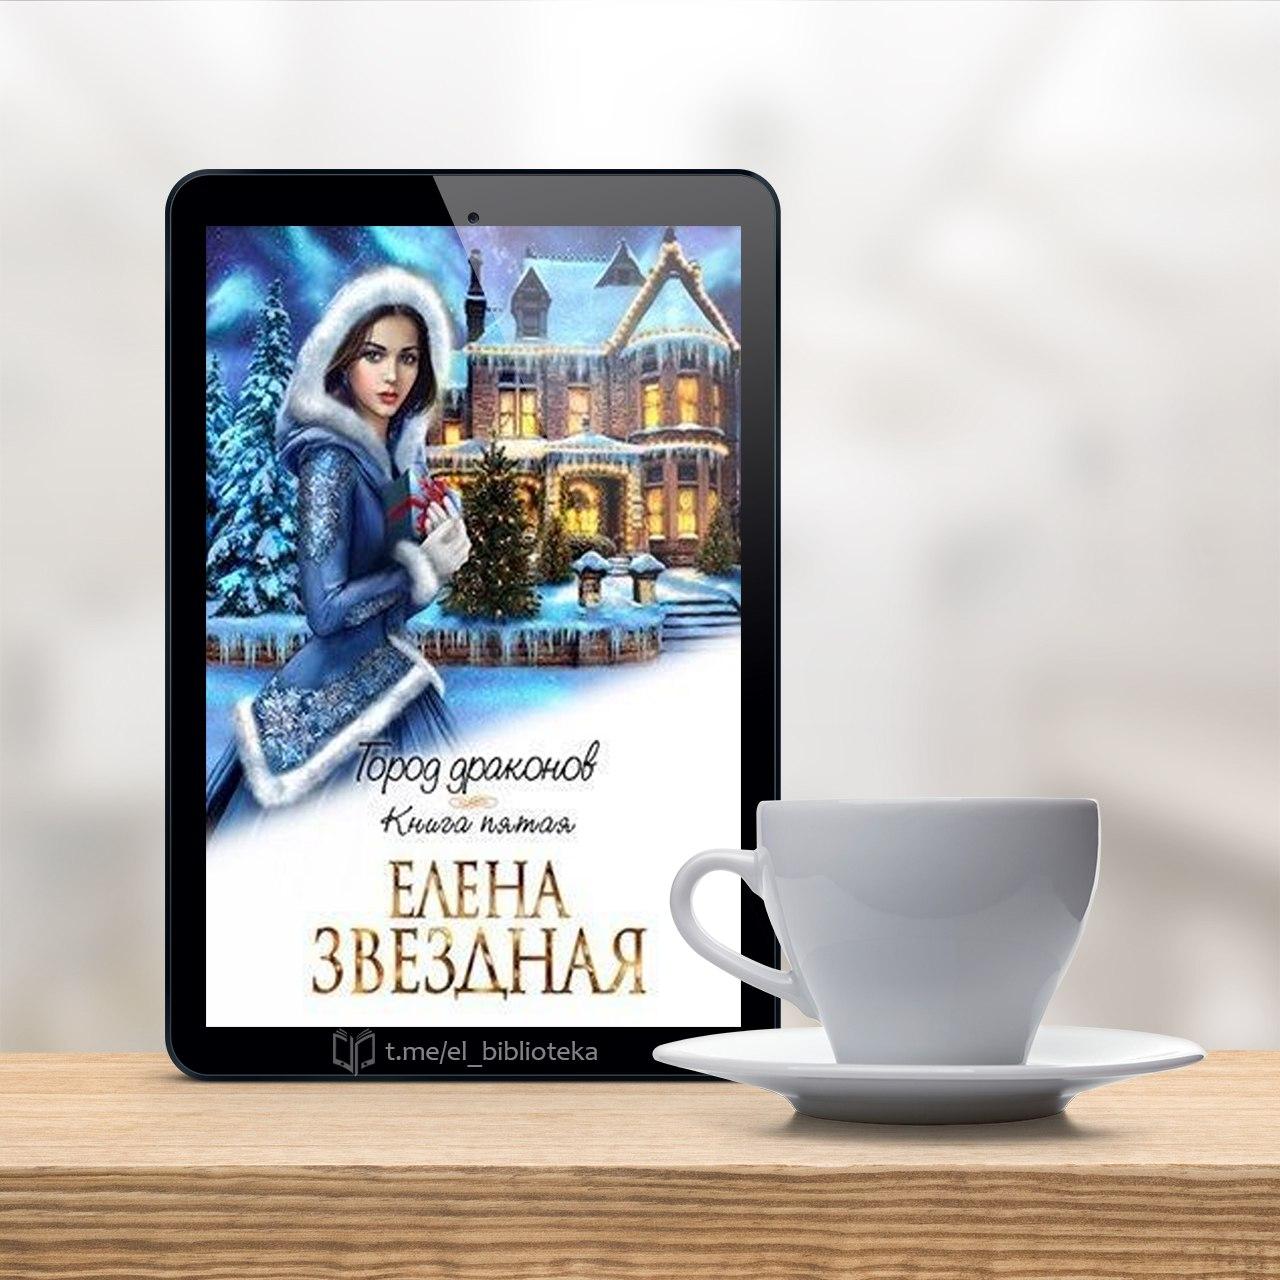  Город драконов. Книга пятая  Автор:  Звездная_Елена  Год издания: 2021...